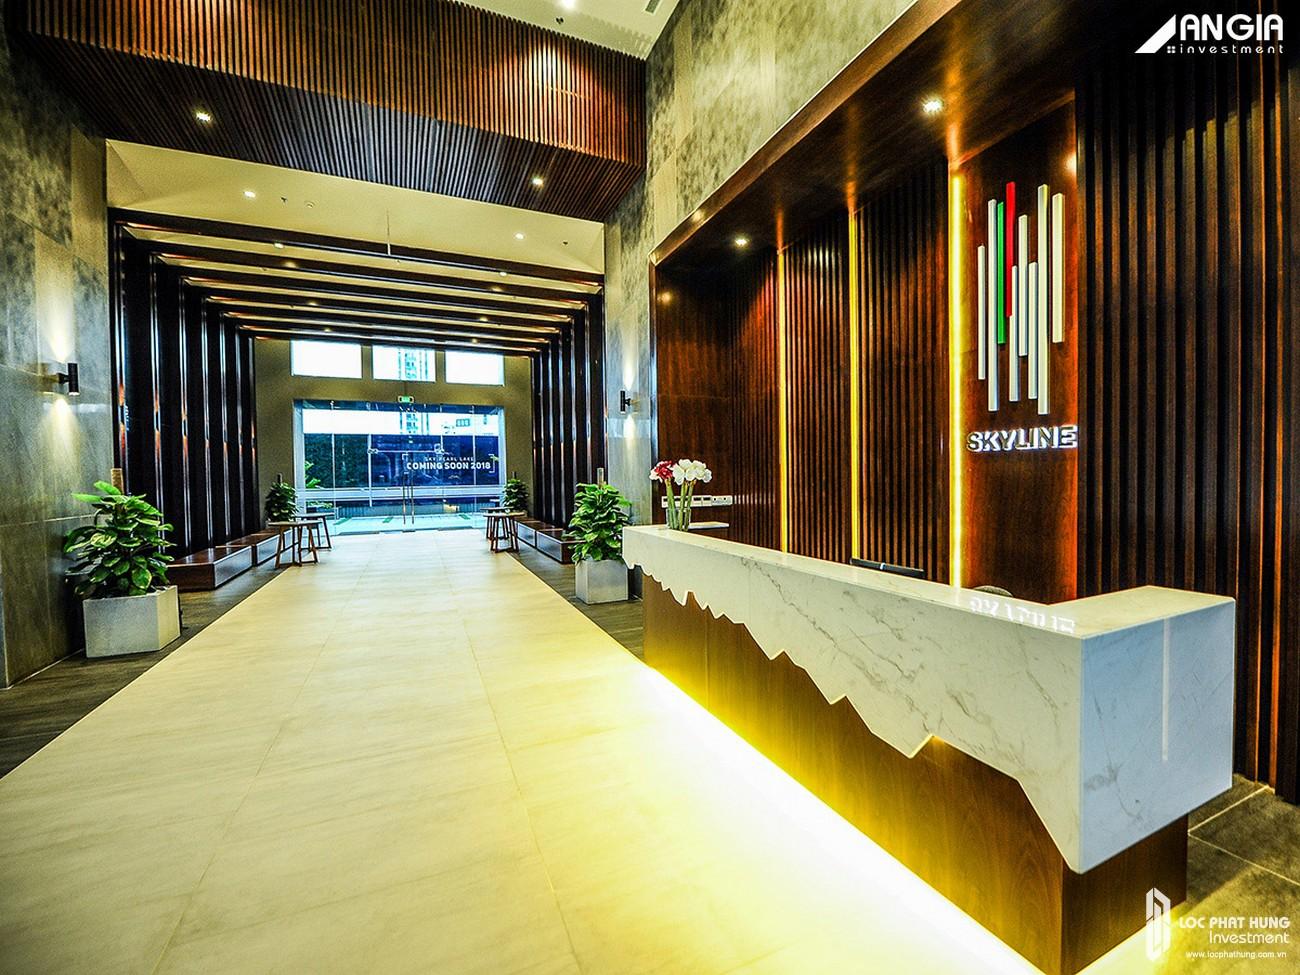 Mua bán cho thuê căn hộ chung cư An Gia Skyline Quận 7 - Hình ảnh thực tế sảnh đón AnGia Skyline